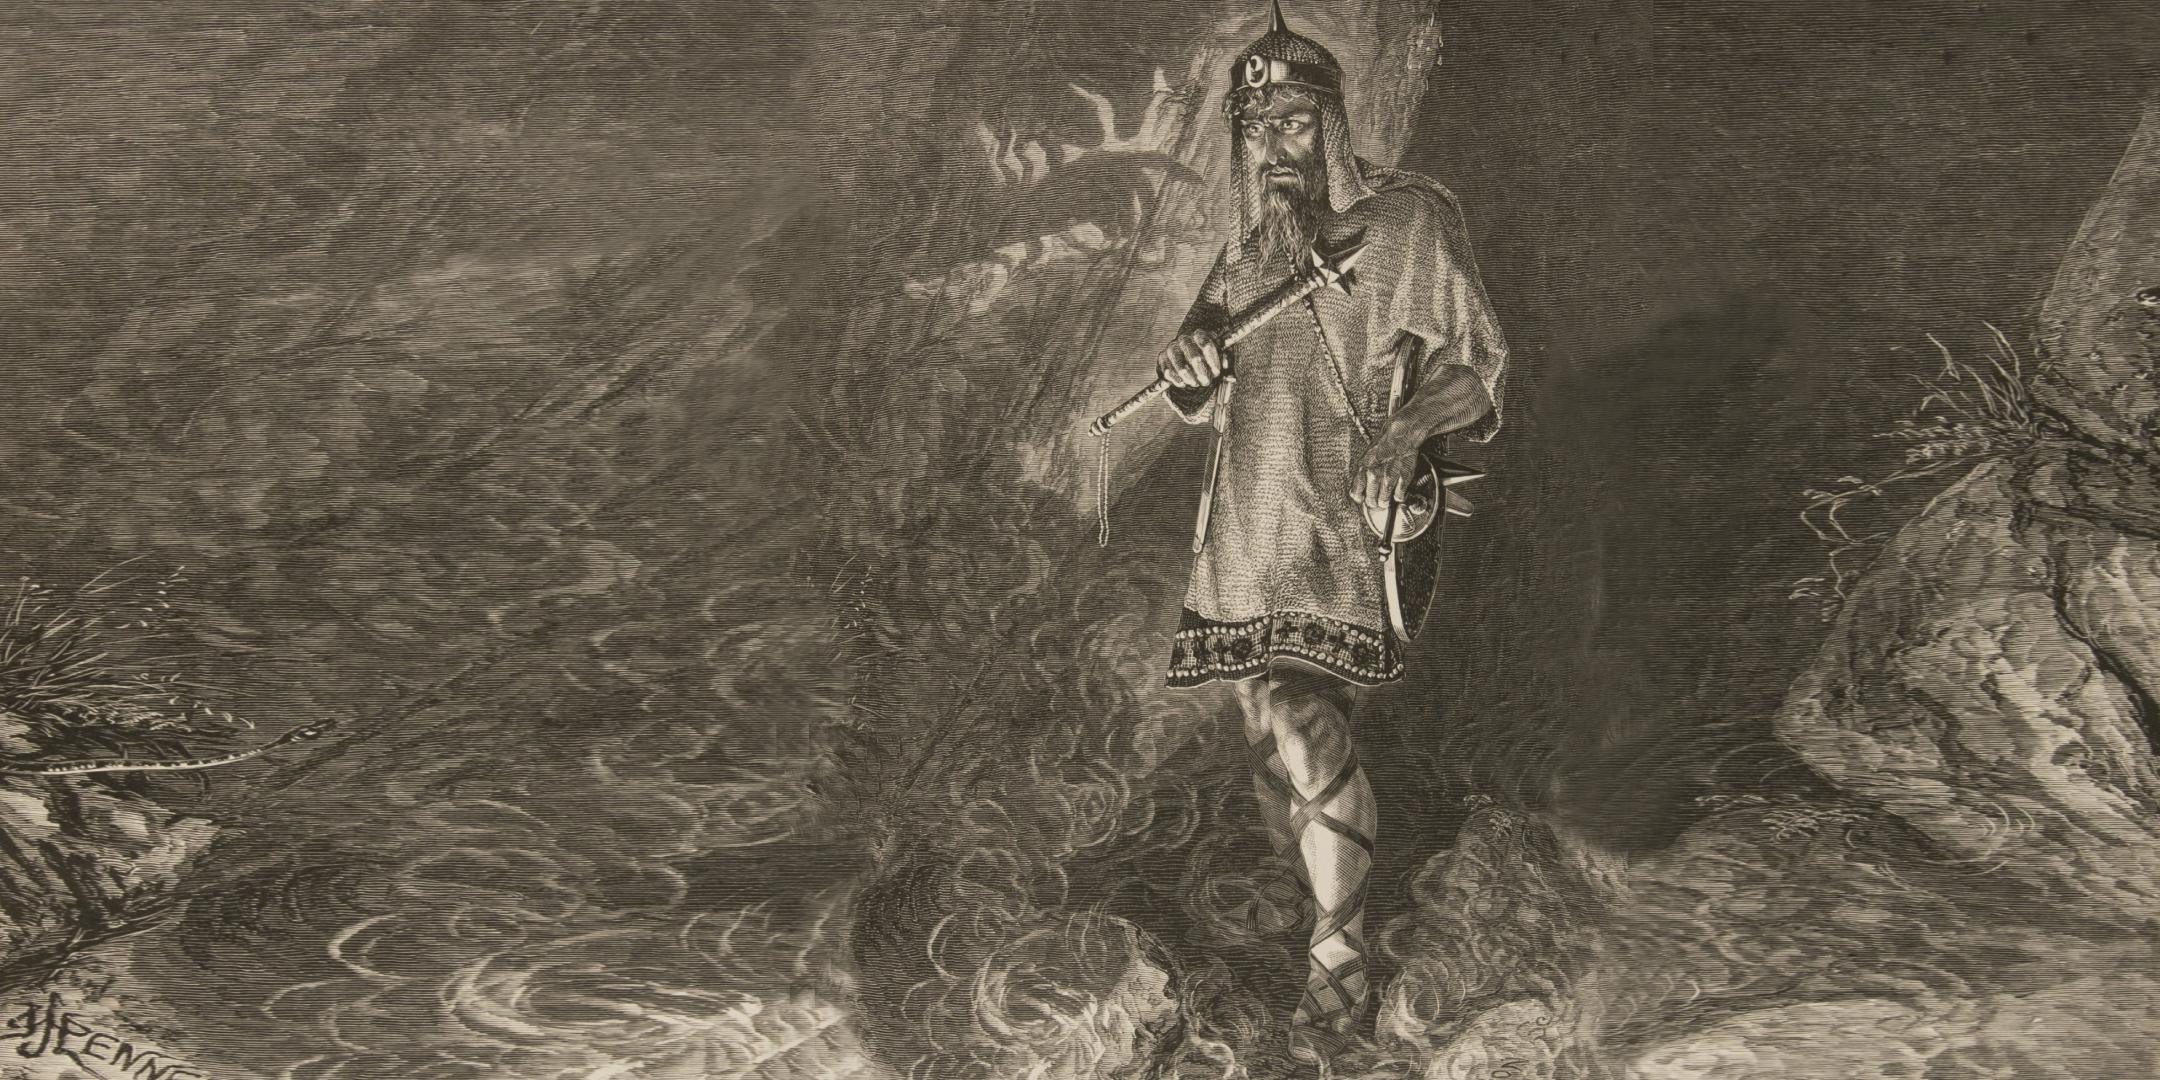 Macbeth and the Gunpowder Plot of 1605